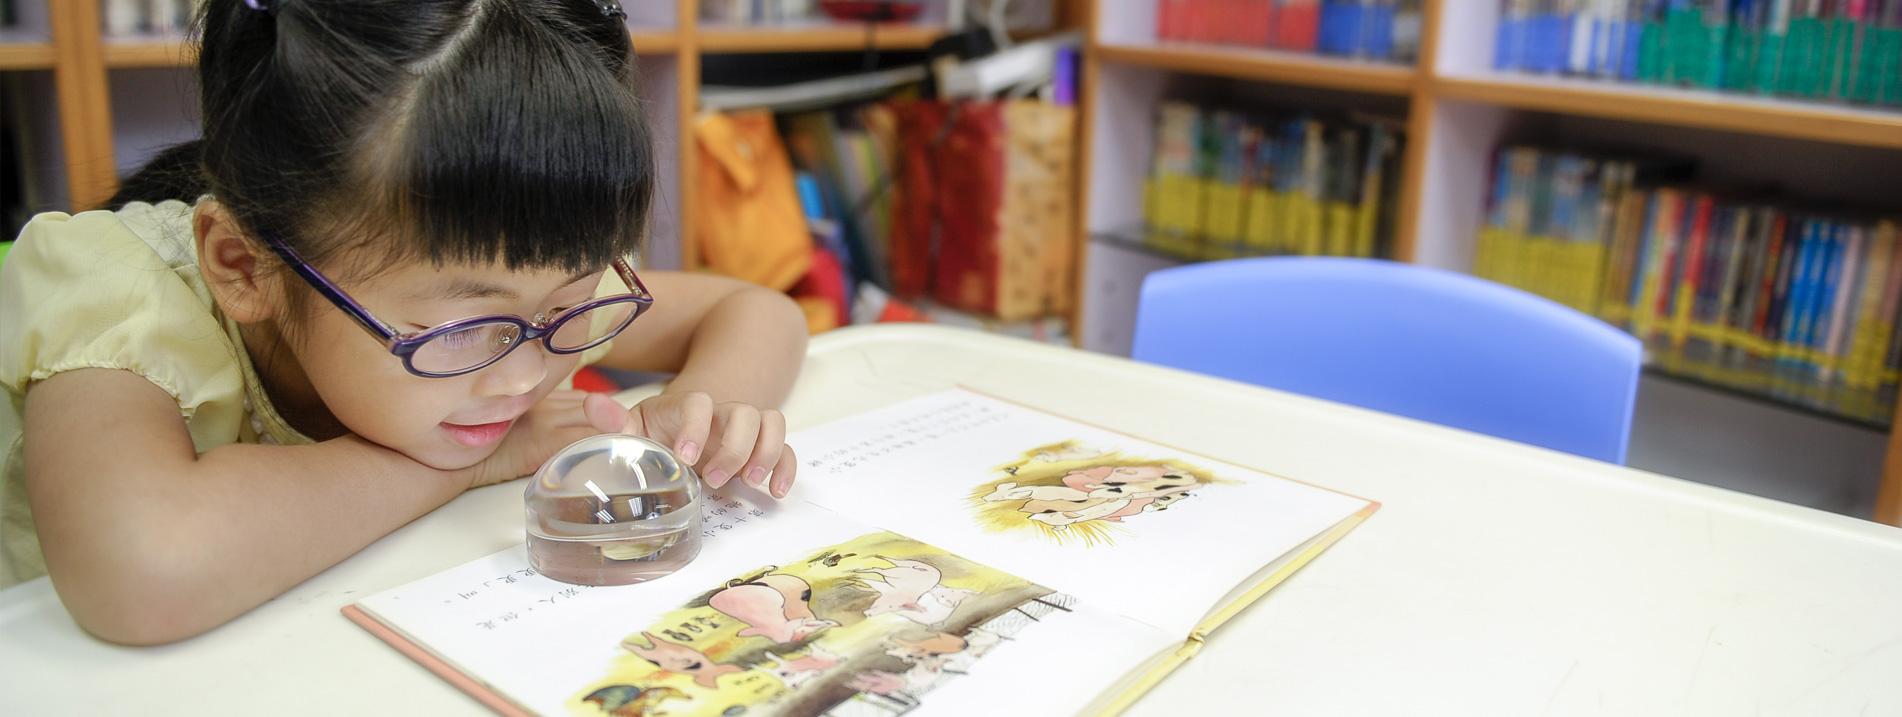 一位視障小朋友用放大鏡閱讀